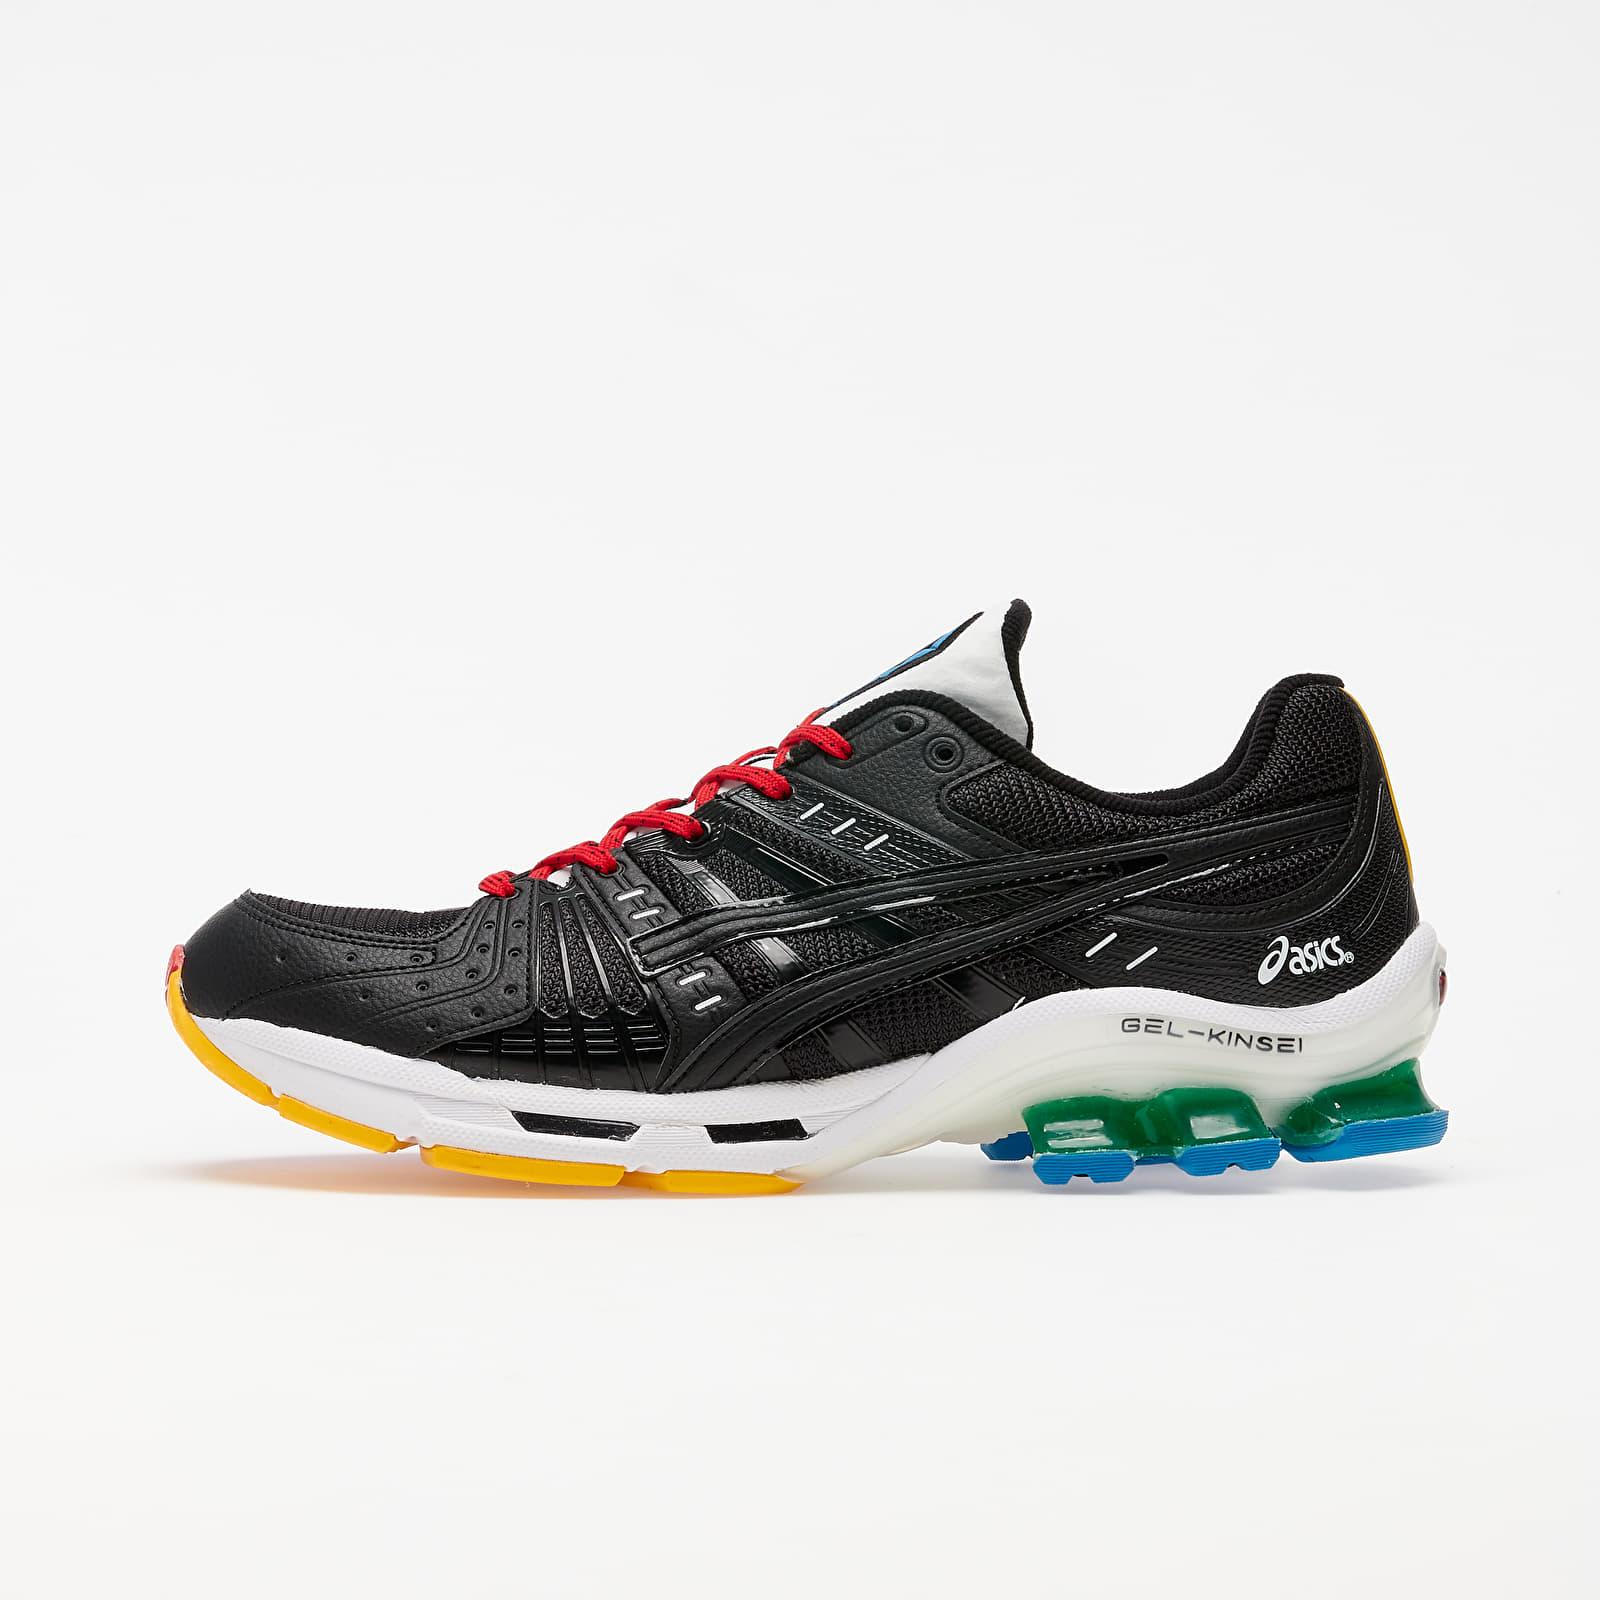 Pánske tenisky a topánky Asics Gel-Kinsei OG Black/ Black